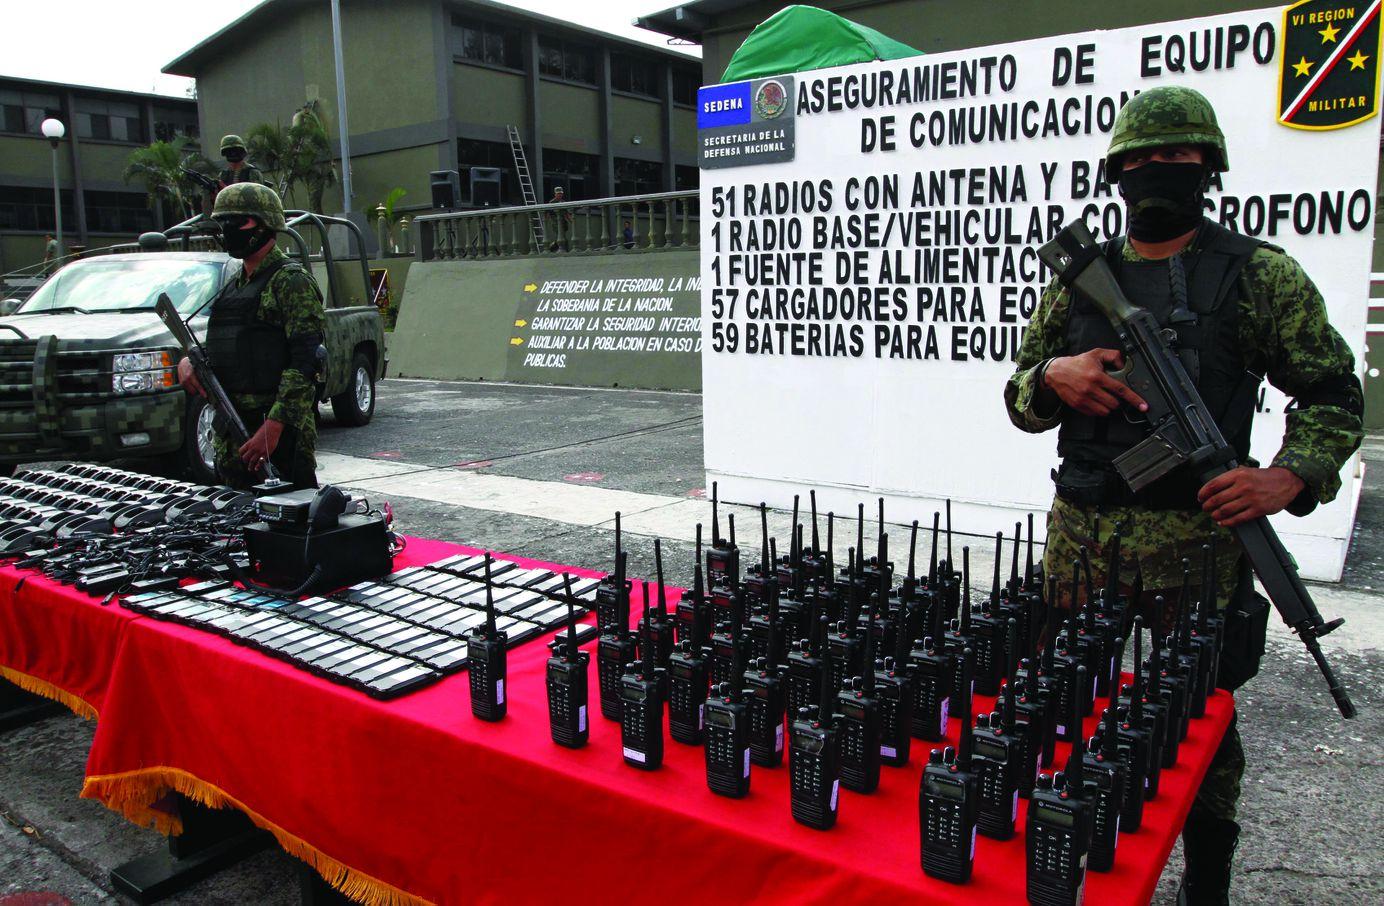 Мексиканские военные демонстрируют трофеи